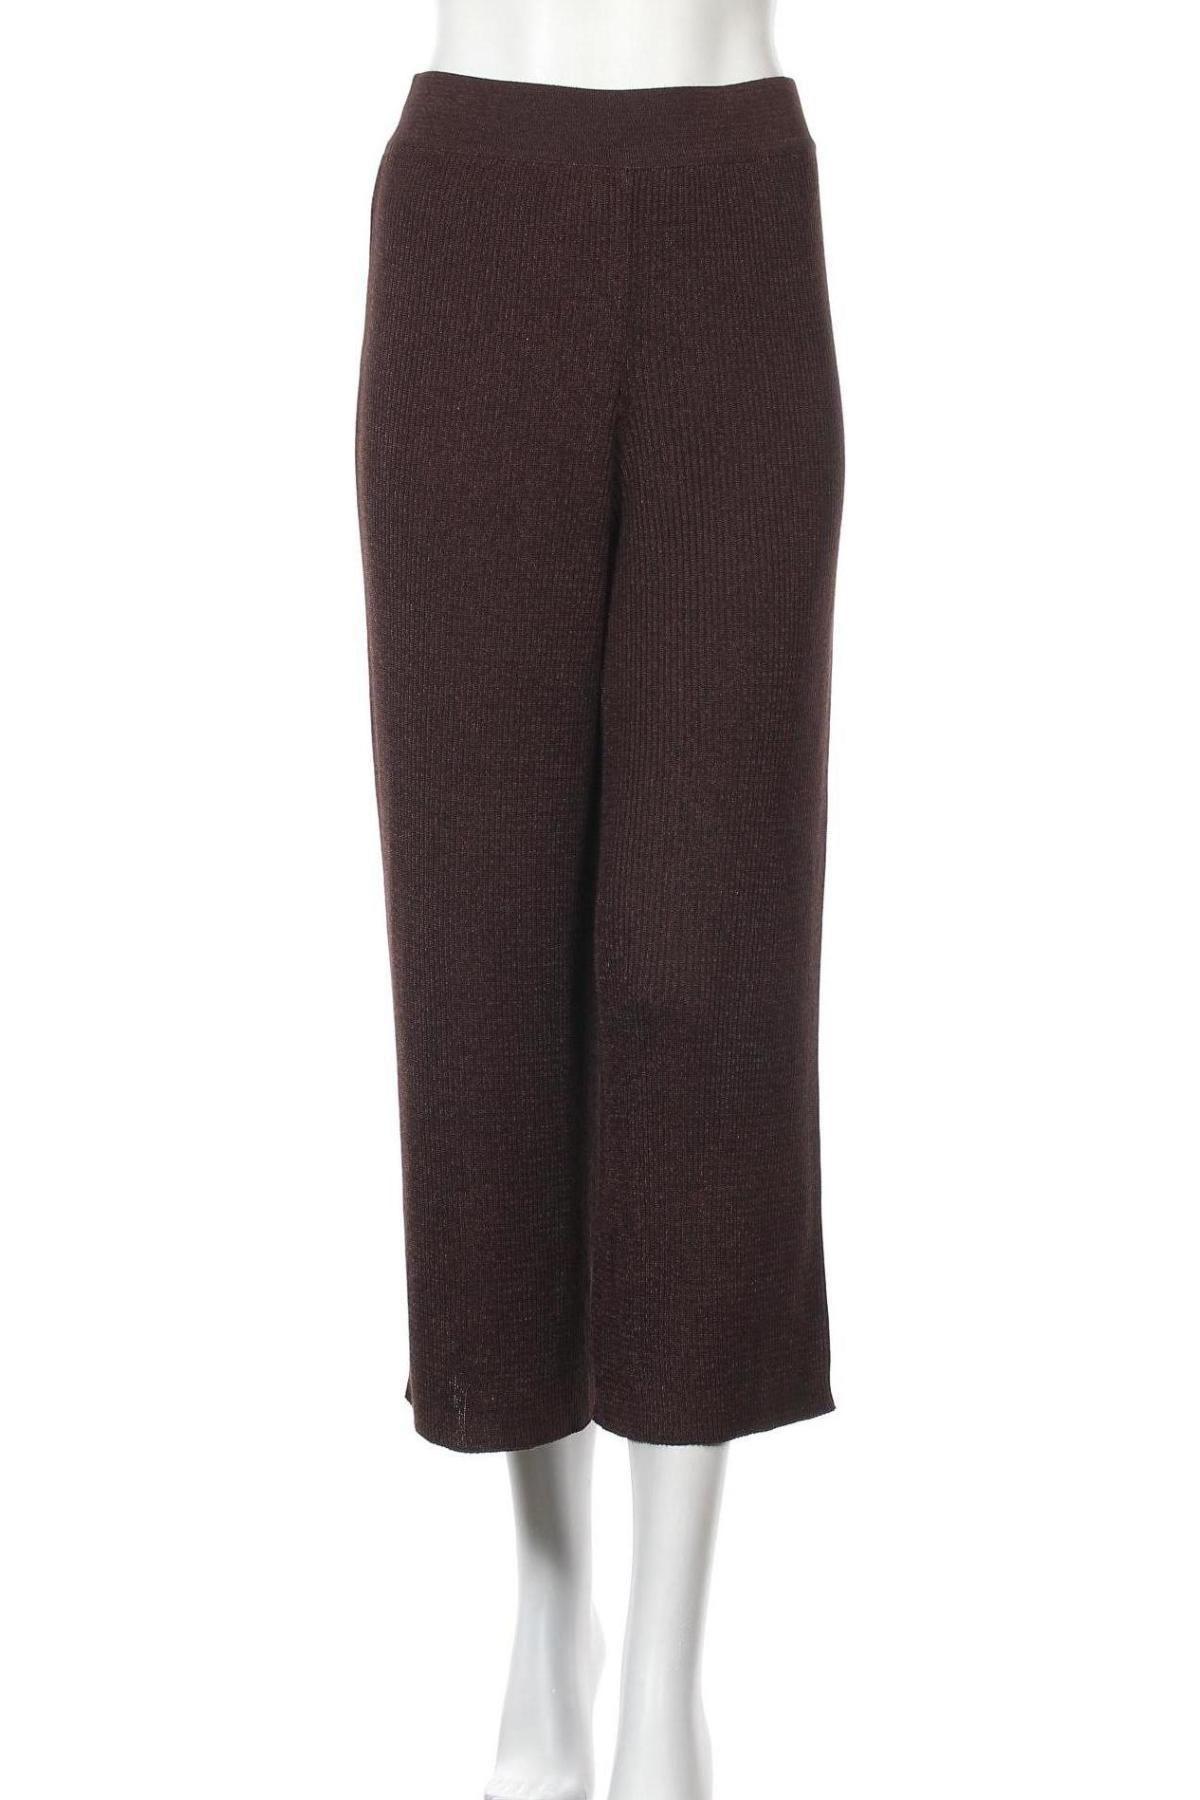 Дамски панталон Massimo Dutti, Размер S, Цвят Кафяв, 54% вискоза, 46% полиестер, Цена 34,88лв.